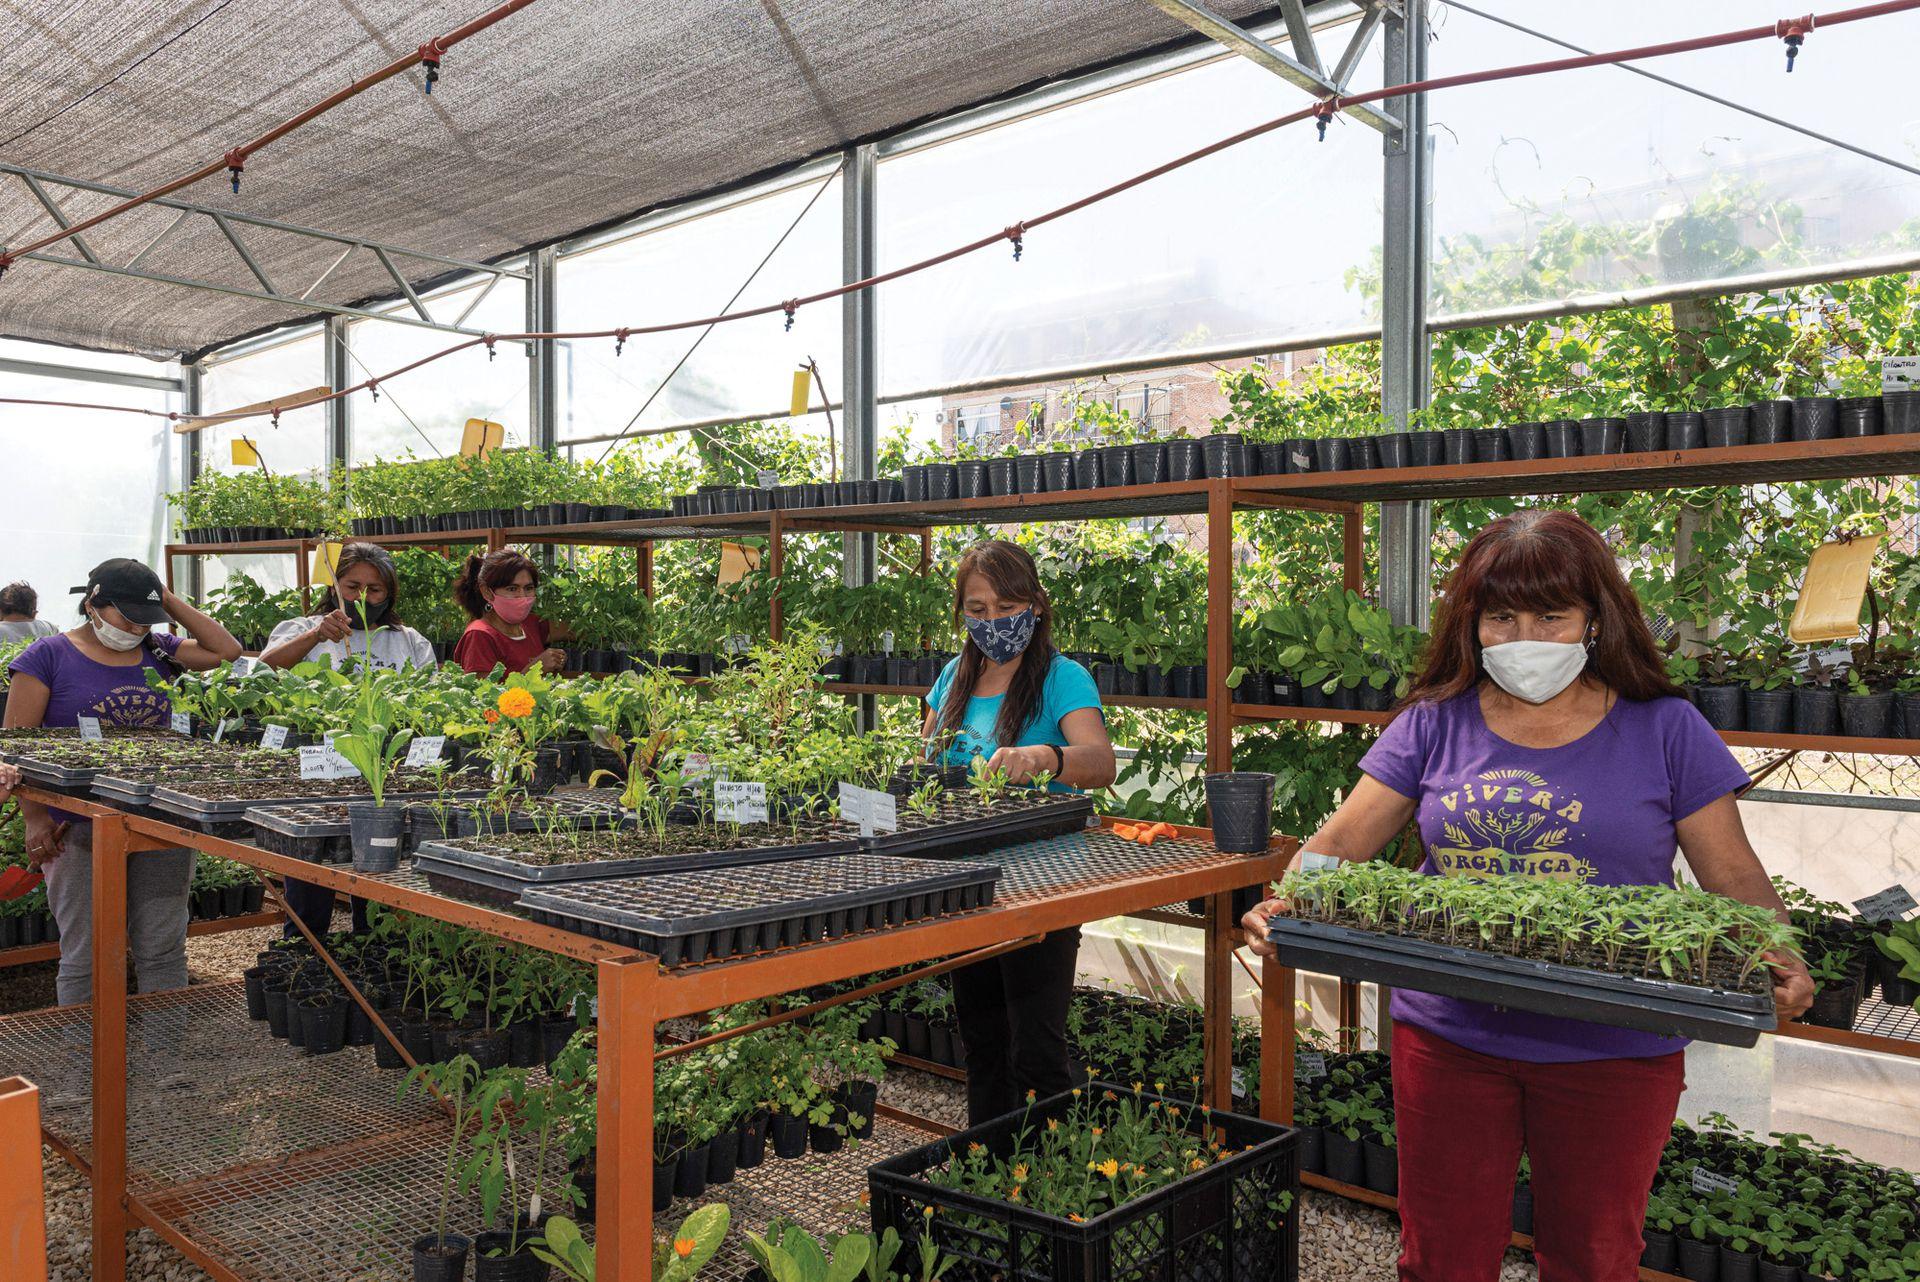 En el invernáculo de Vivera orgánica, se inician los trabajos de siembra, tanto de plantines de huerta como de nativas.